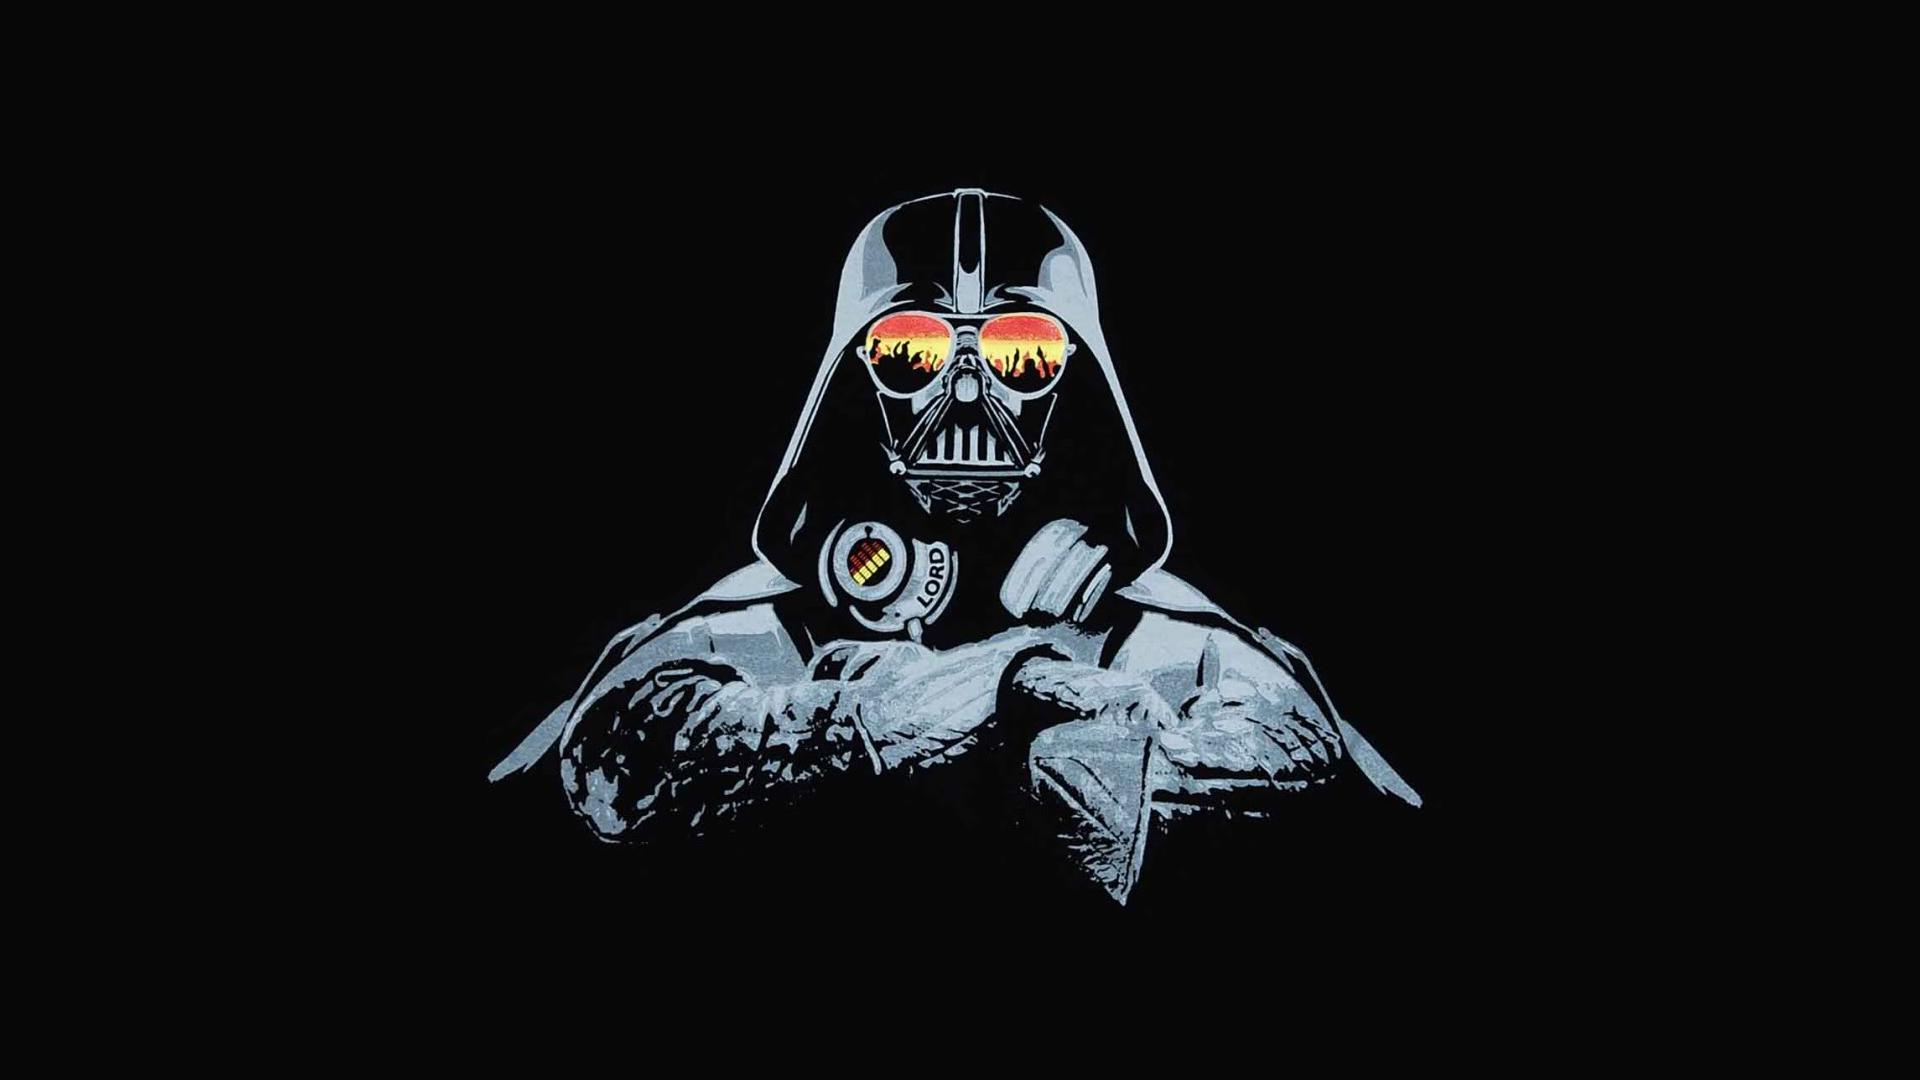 Darth Vader Wallpaper Hd 1920x1080